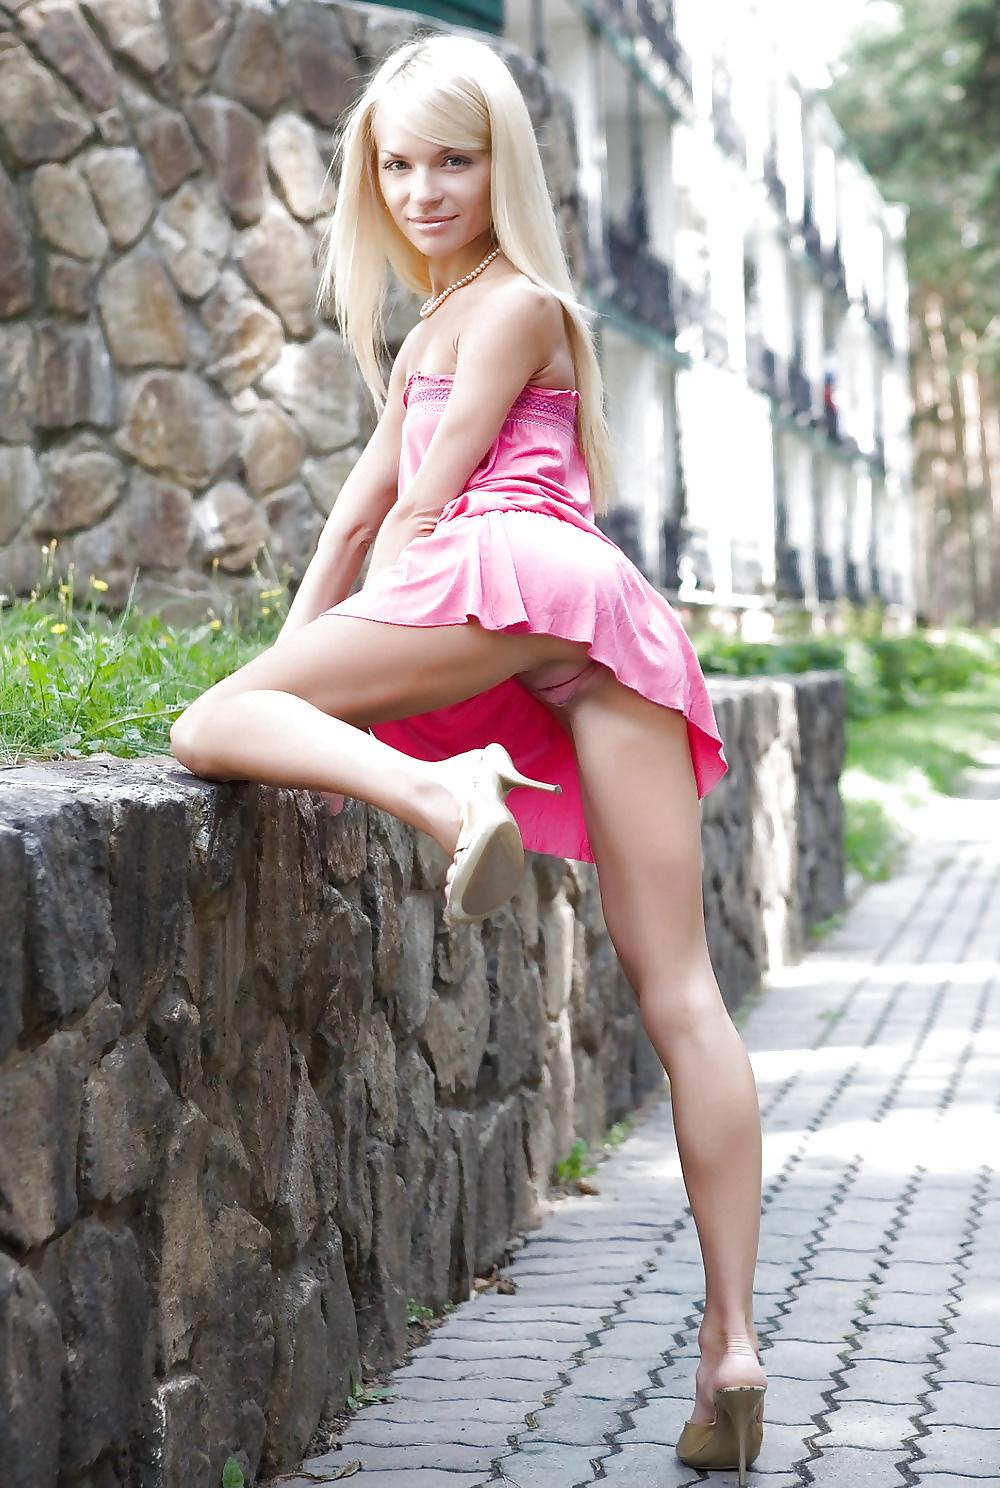 Высокая красивая девушка мини юбках пизда